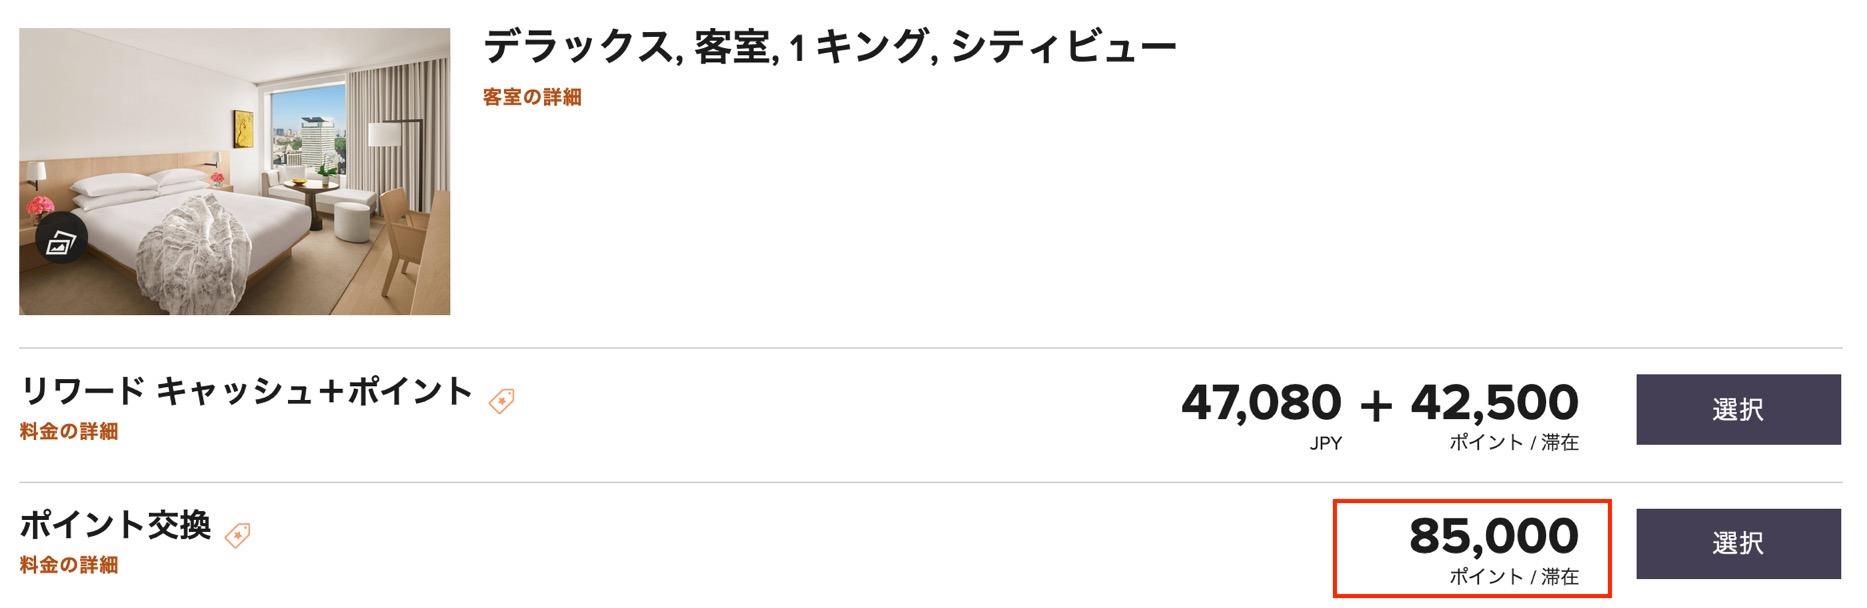 東京エディション虎ノ門:宿泊料金とポイント